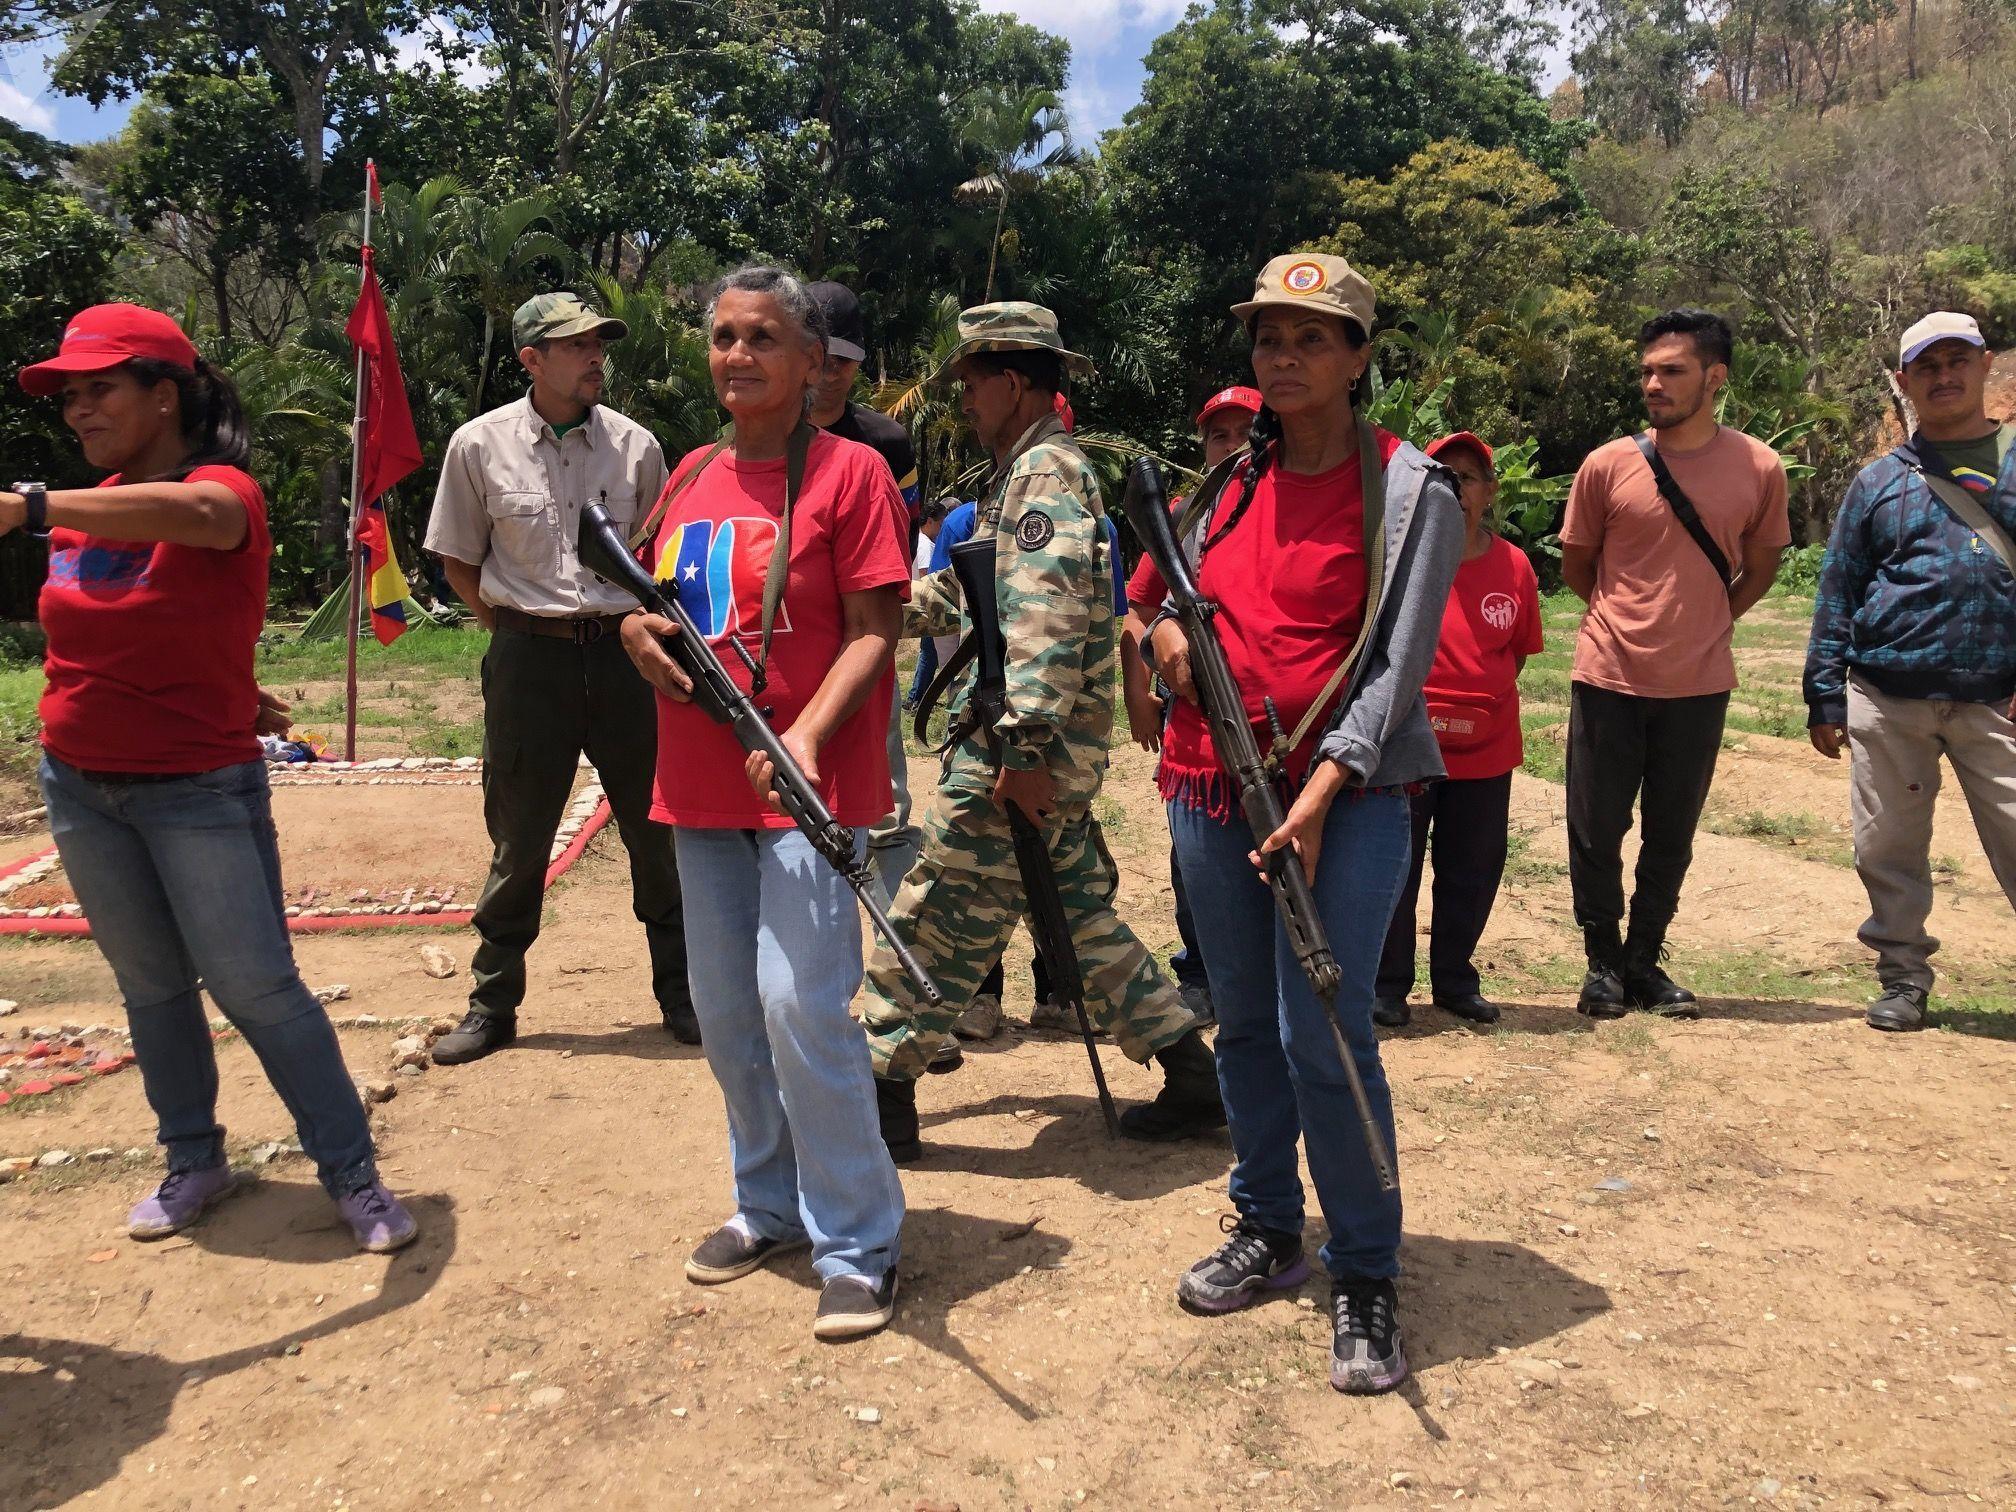 Há um povo humilde, uma massa poderosa, chavista e leal aos 20 anos da Revolução Bolivariana, capaz de dar o seu melhor em caso de intervenção estrangeira